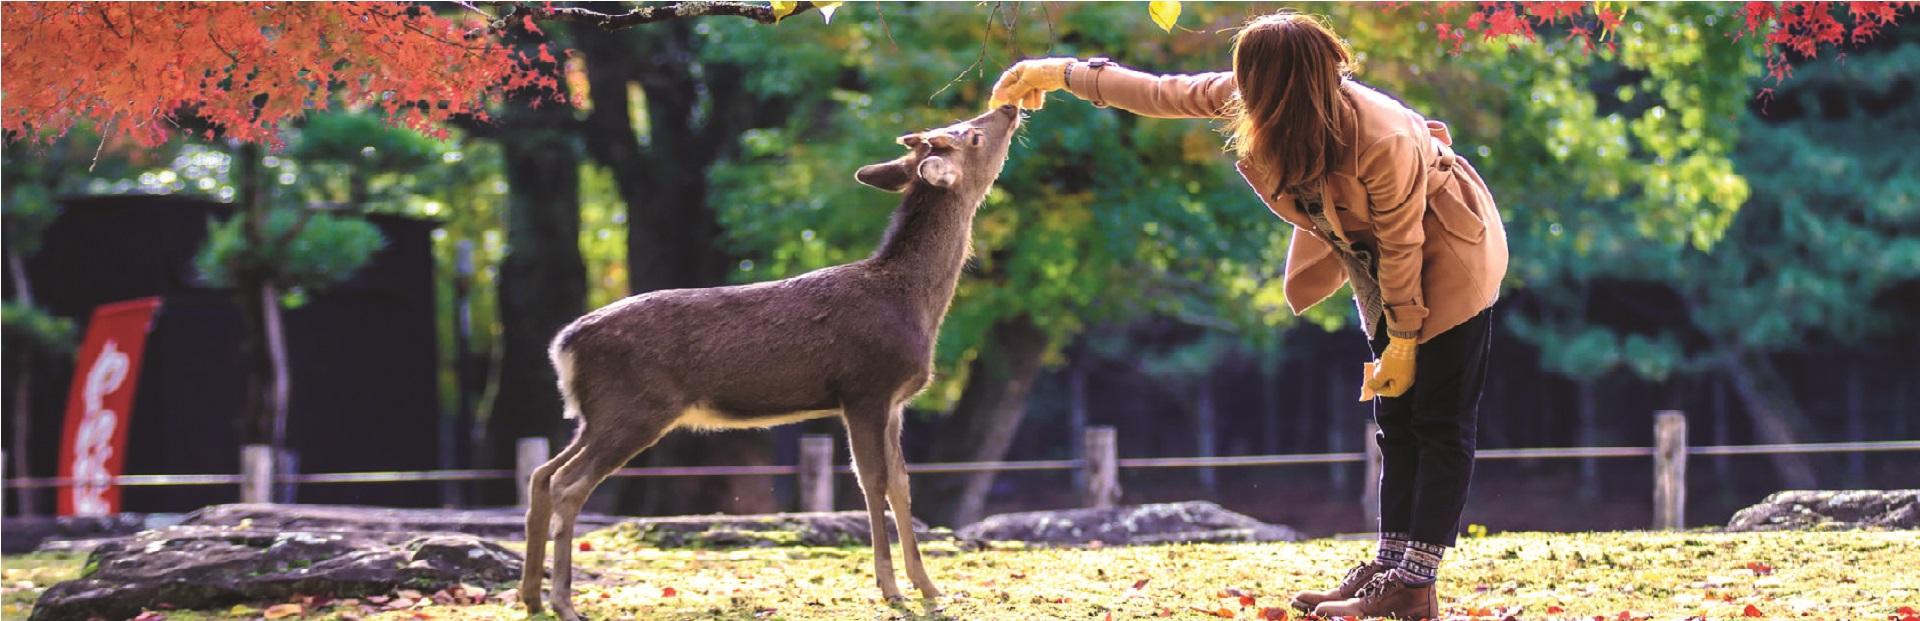 girl with deer Nara Park – 37298563_ml